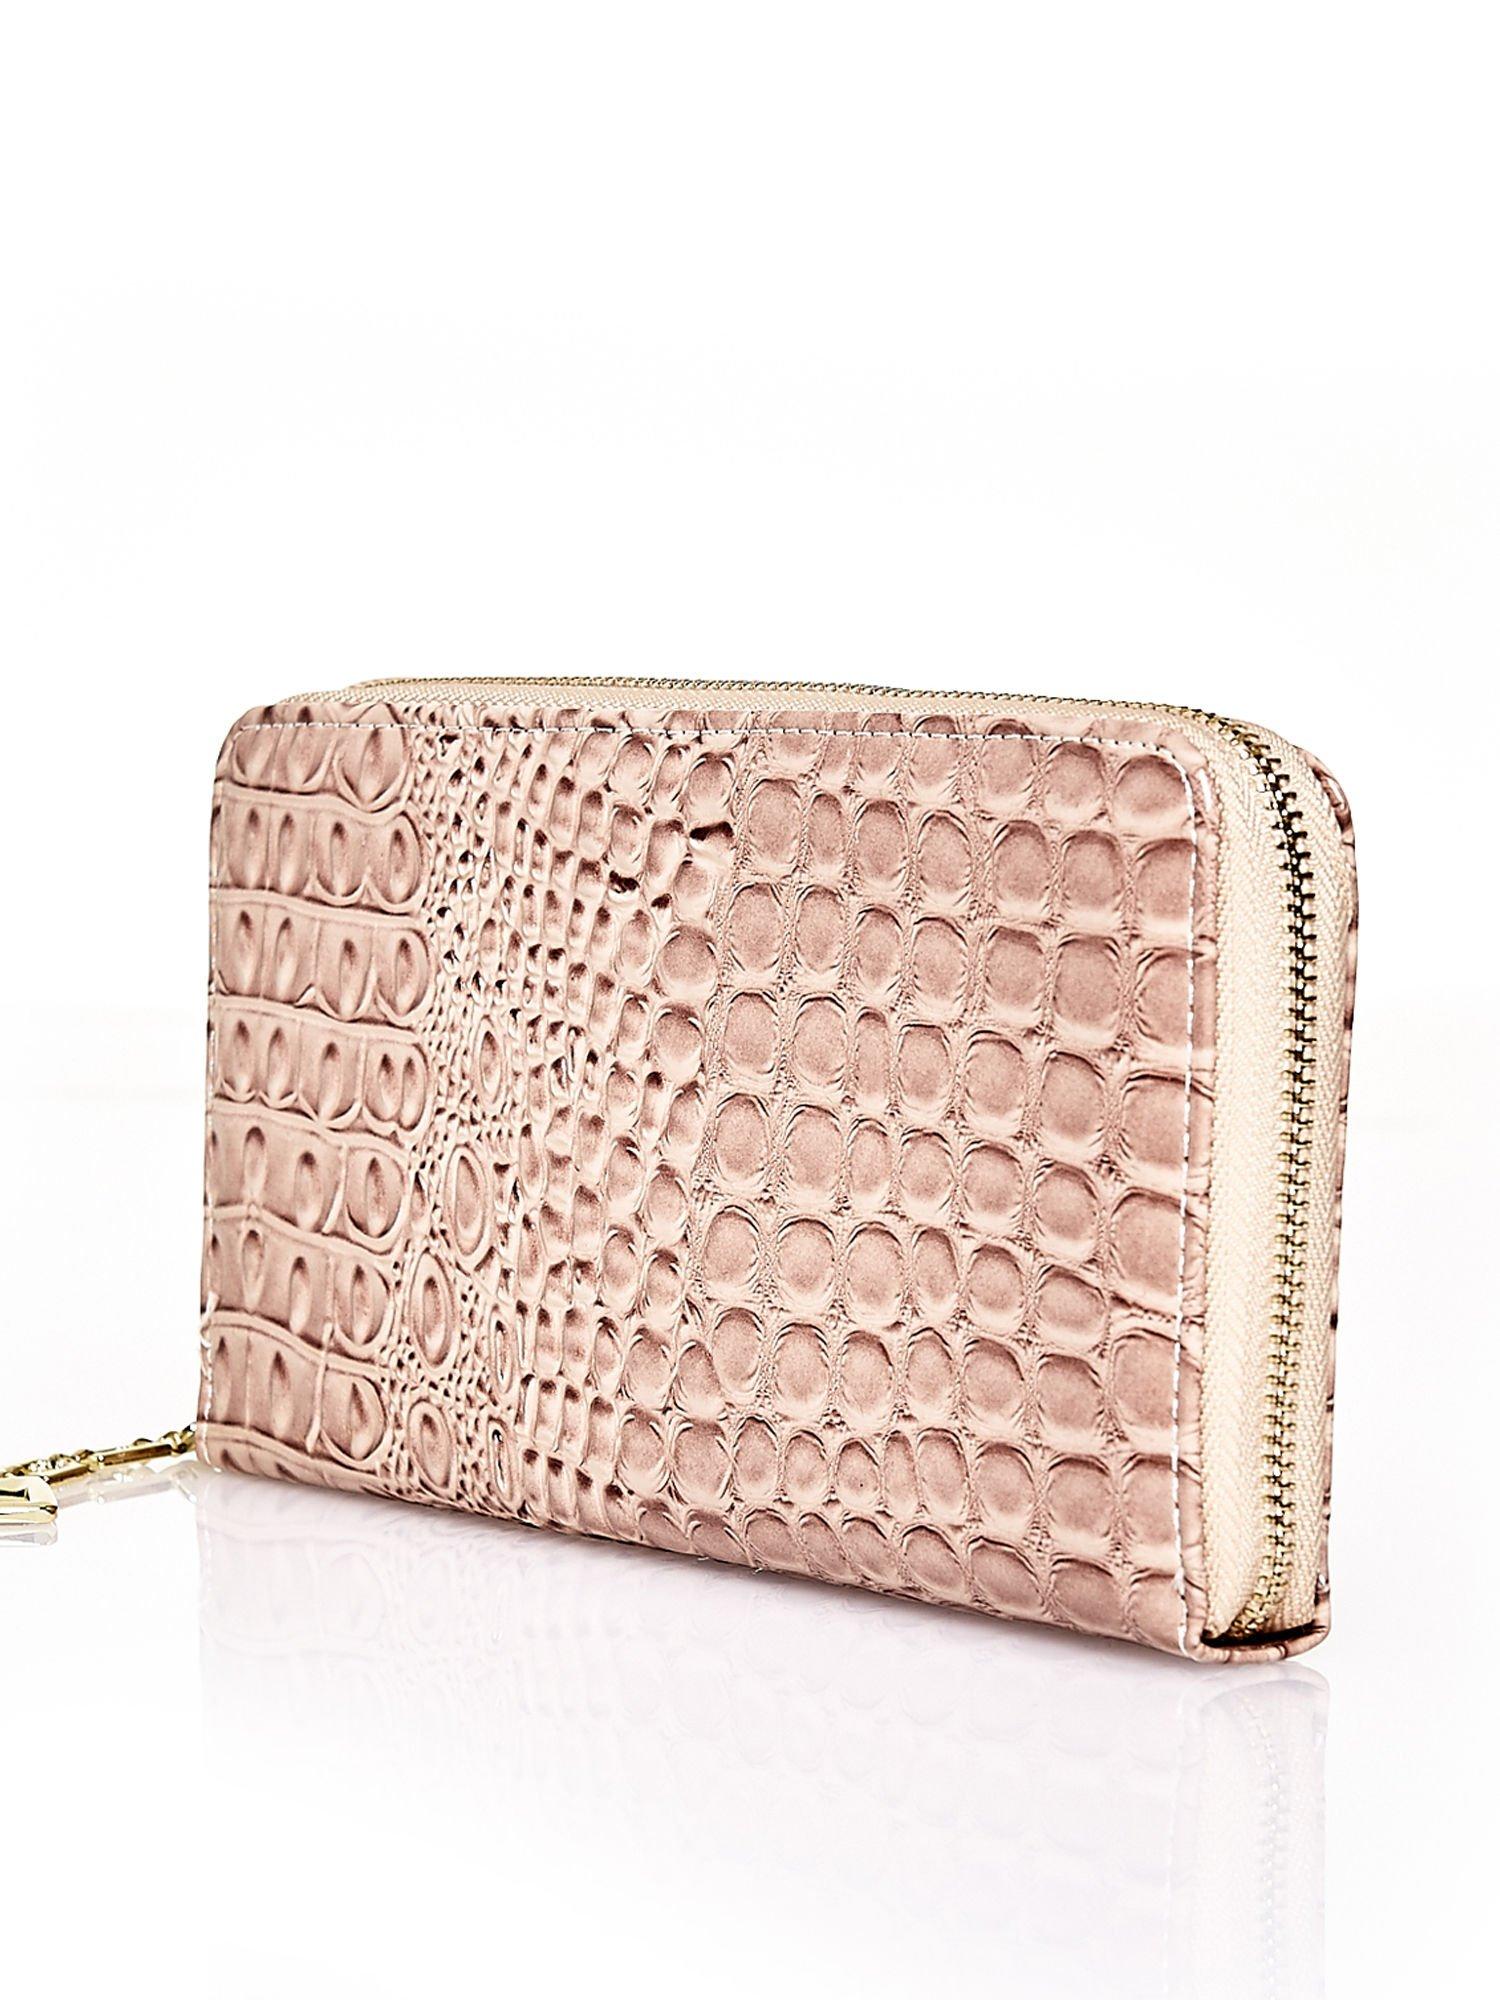 Brązowy portfel kopertówka z motywem skóry krokodyla                                  zdj.                                  2